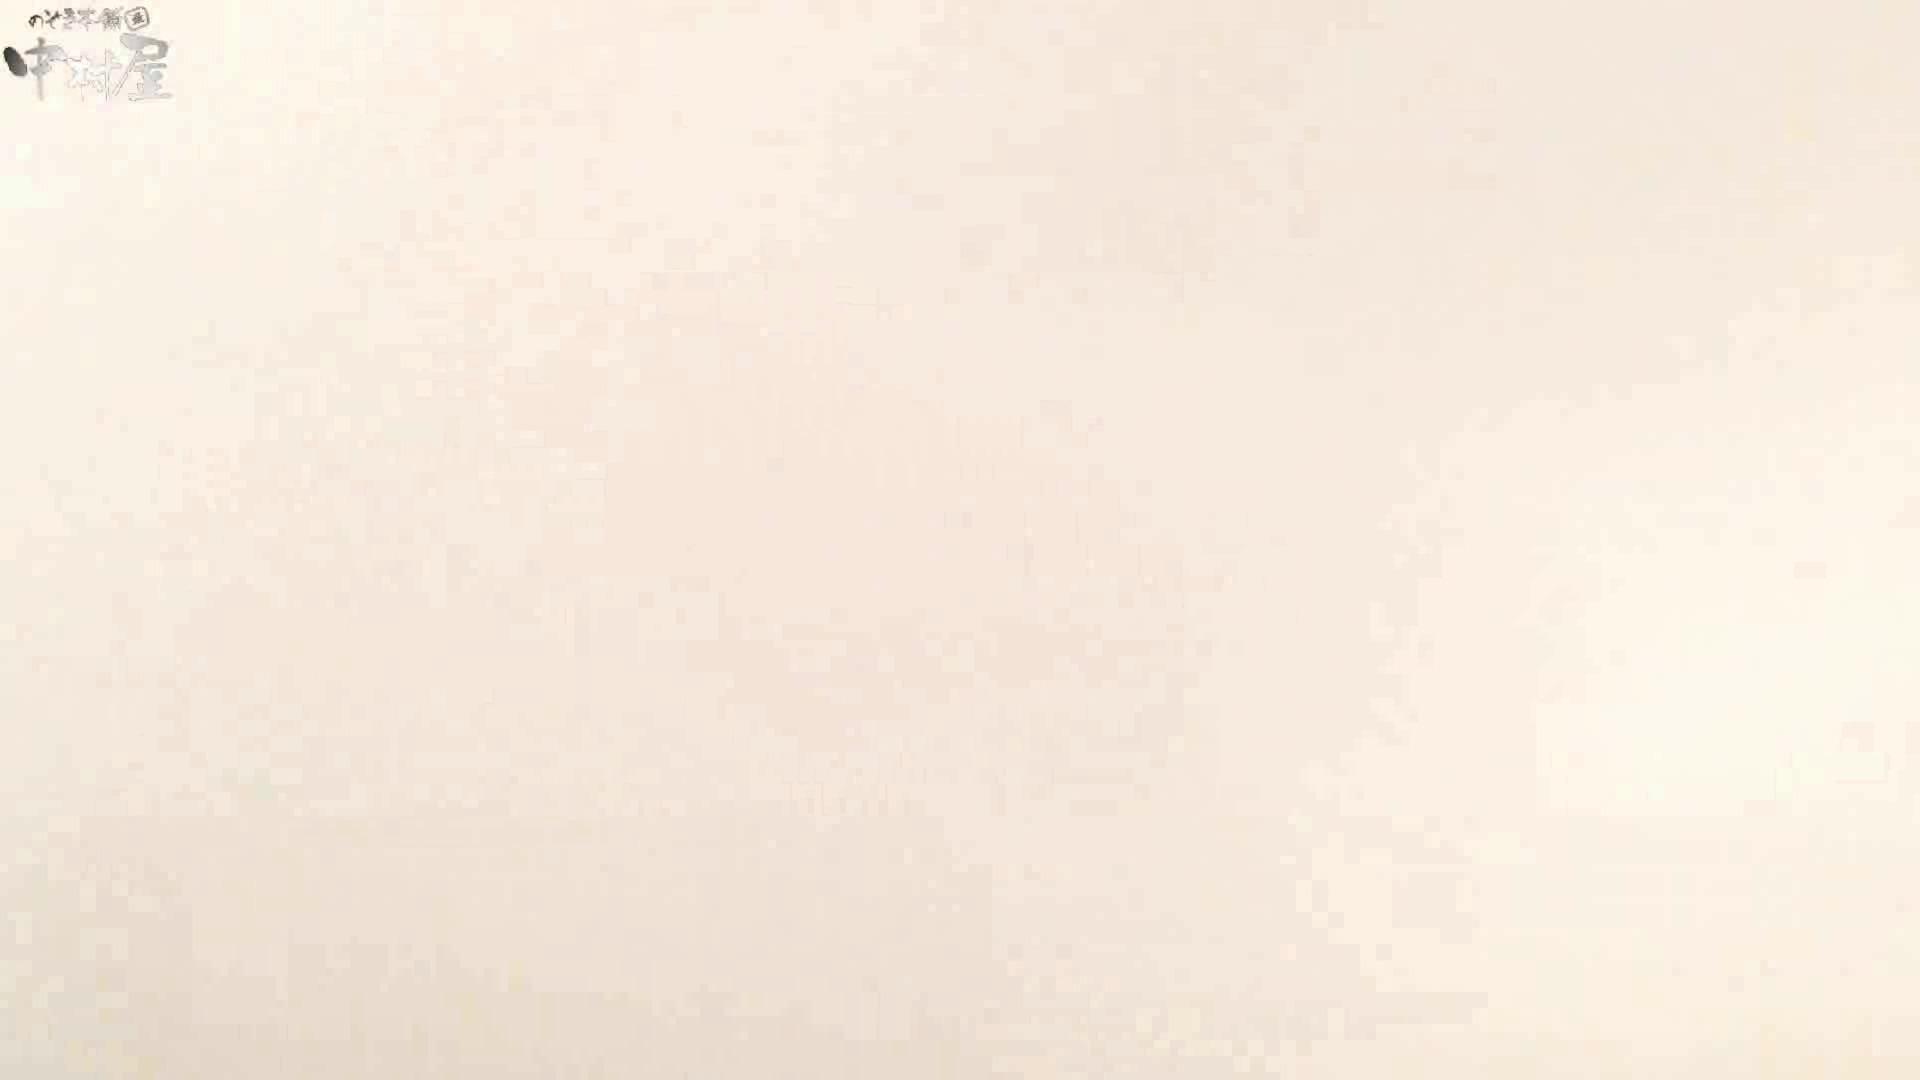 部活女子トイレ潜入編vol.1 0  58pic 50